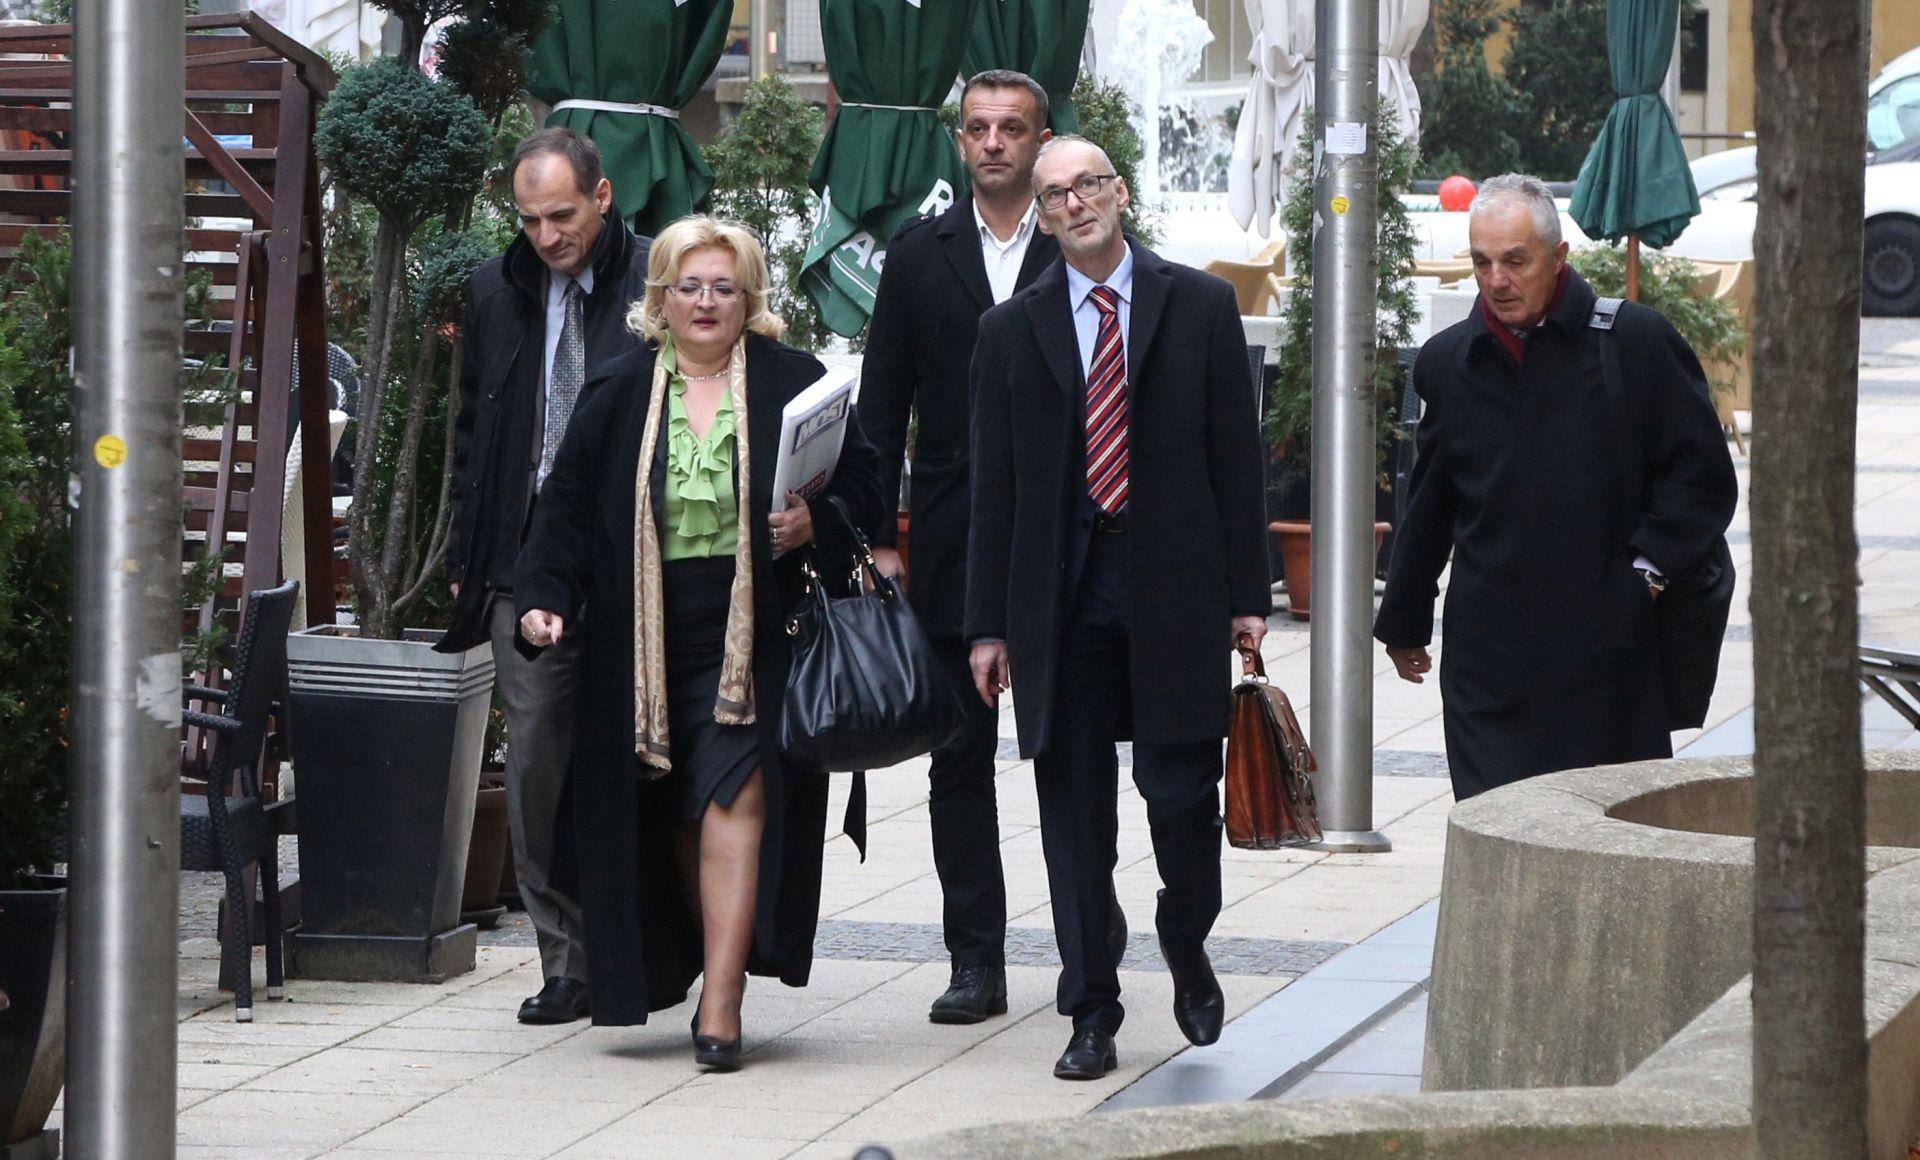 ZAVRŠIO SASTANAK: Mostovi pregovarači bez izjava nakon sastanka u SDP-u